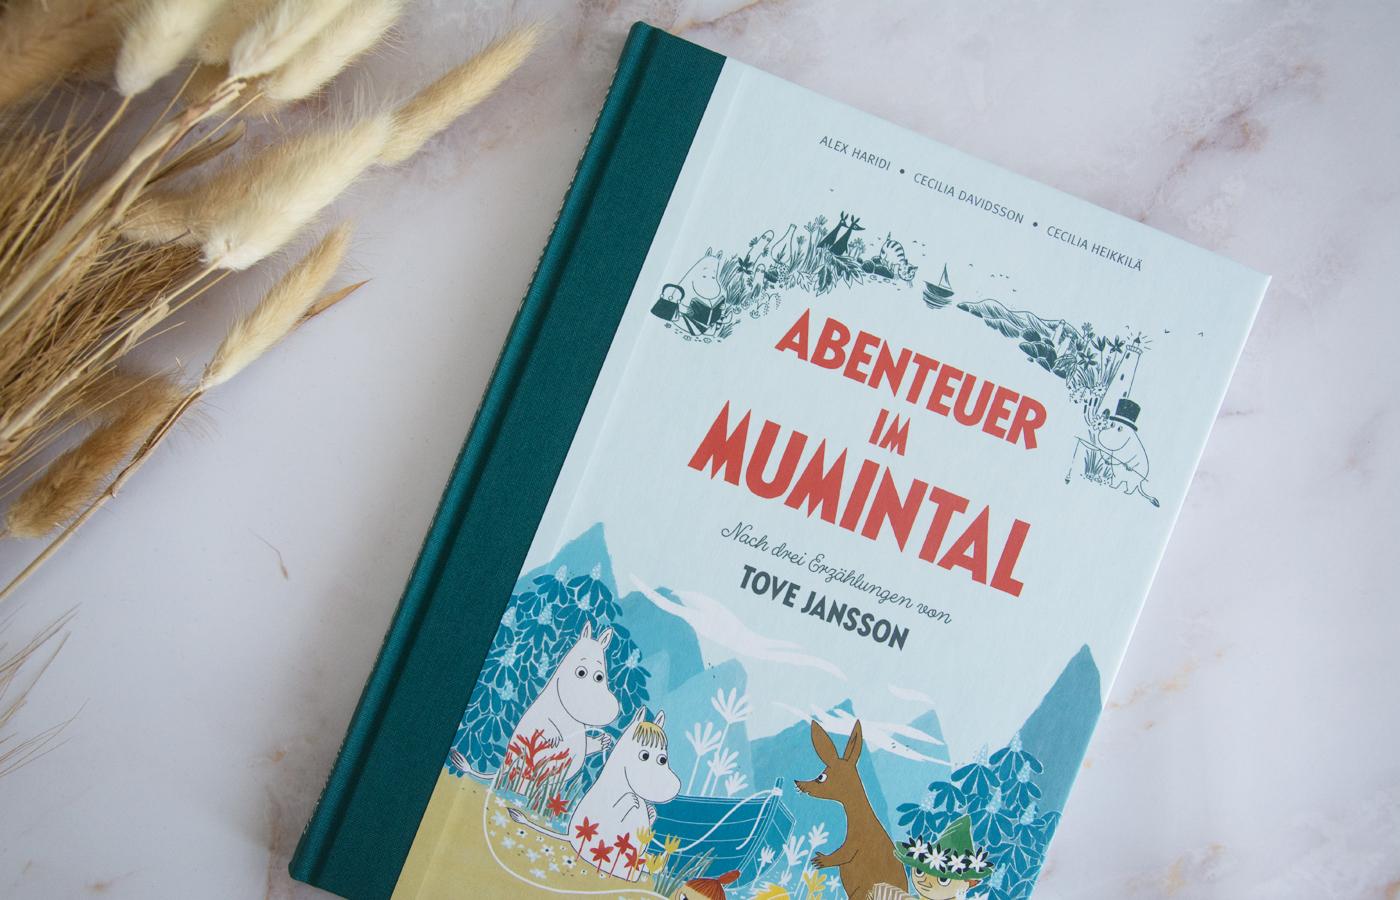 »Abenteuer im Mumintal« von Alex Haridi & Cecilia Davidsson Nach drei Erzählungen von Tove Jansson